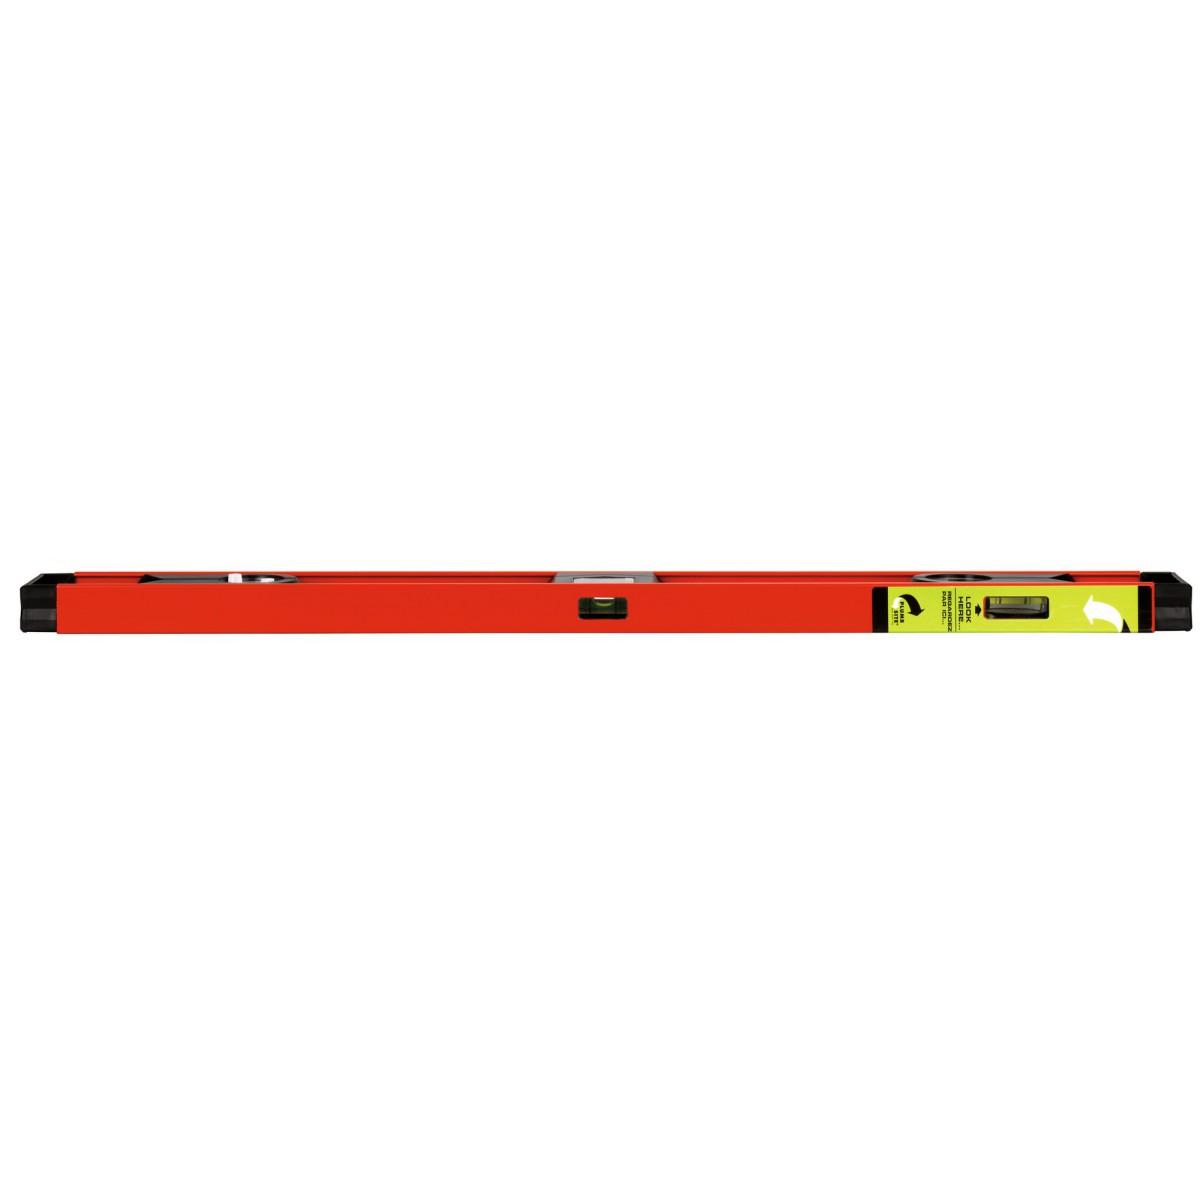 """Niveau tubulaire profil """"i"""" Outibat - Longueur 80 cm"""